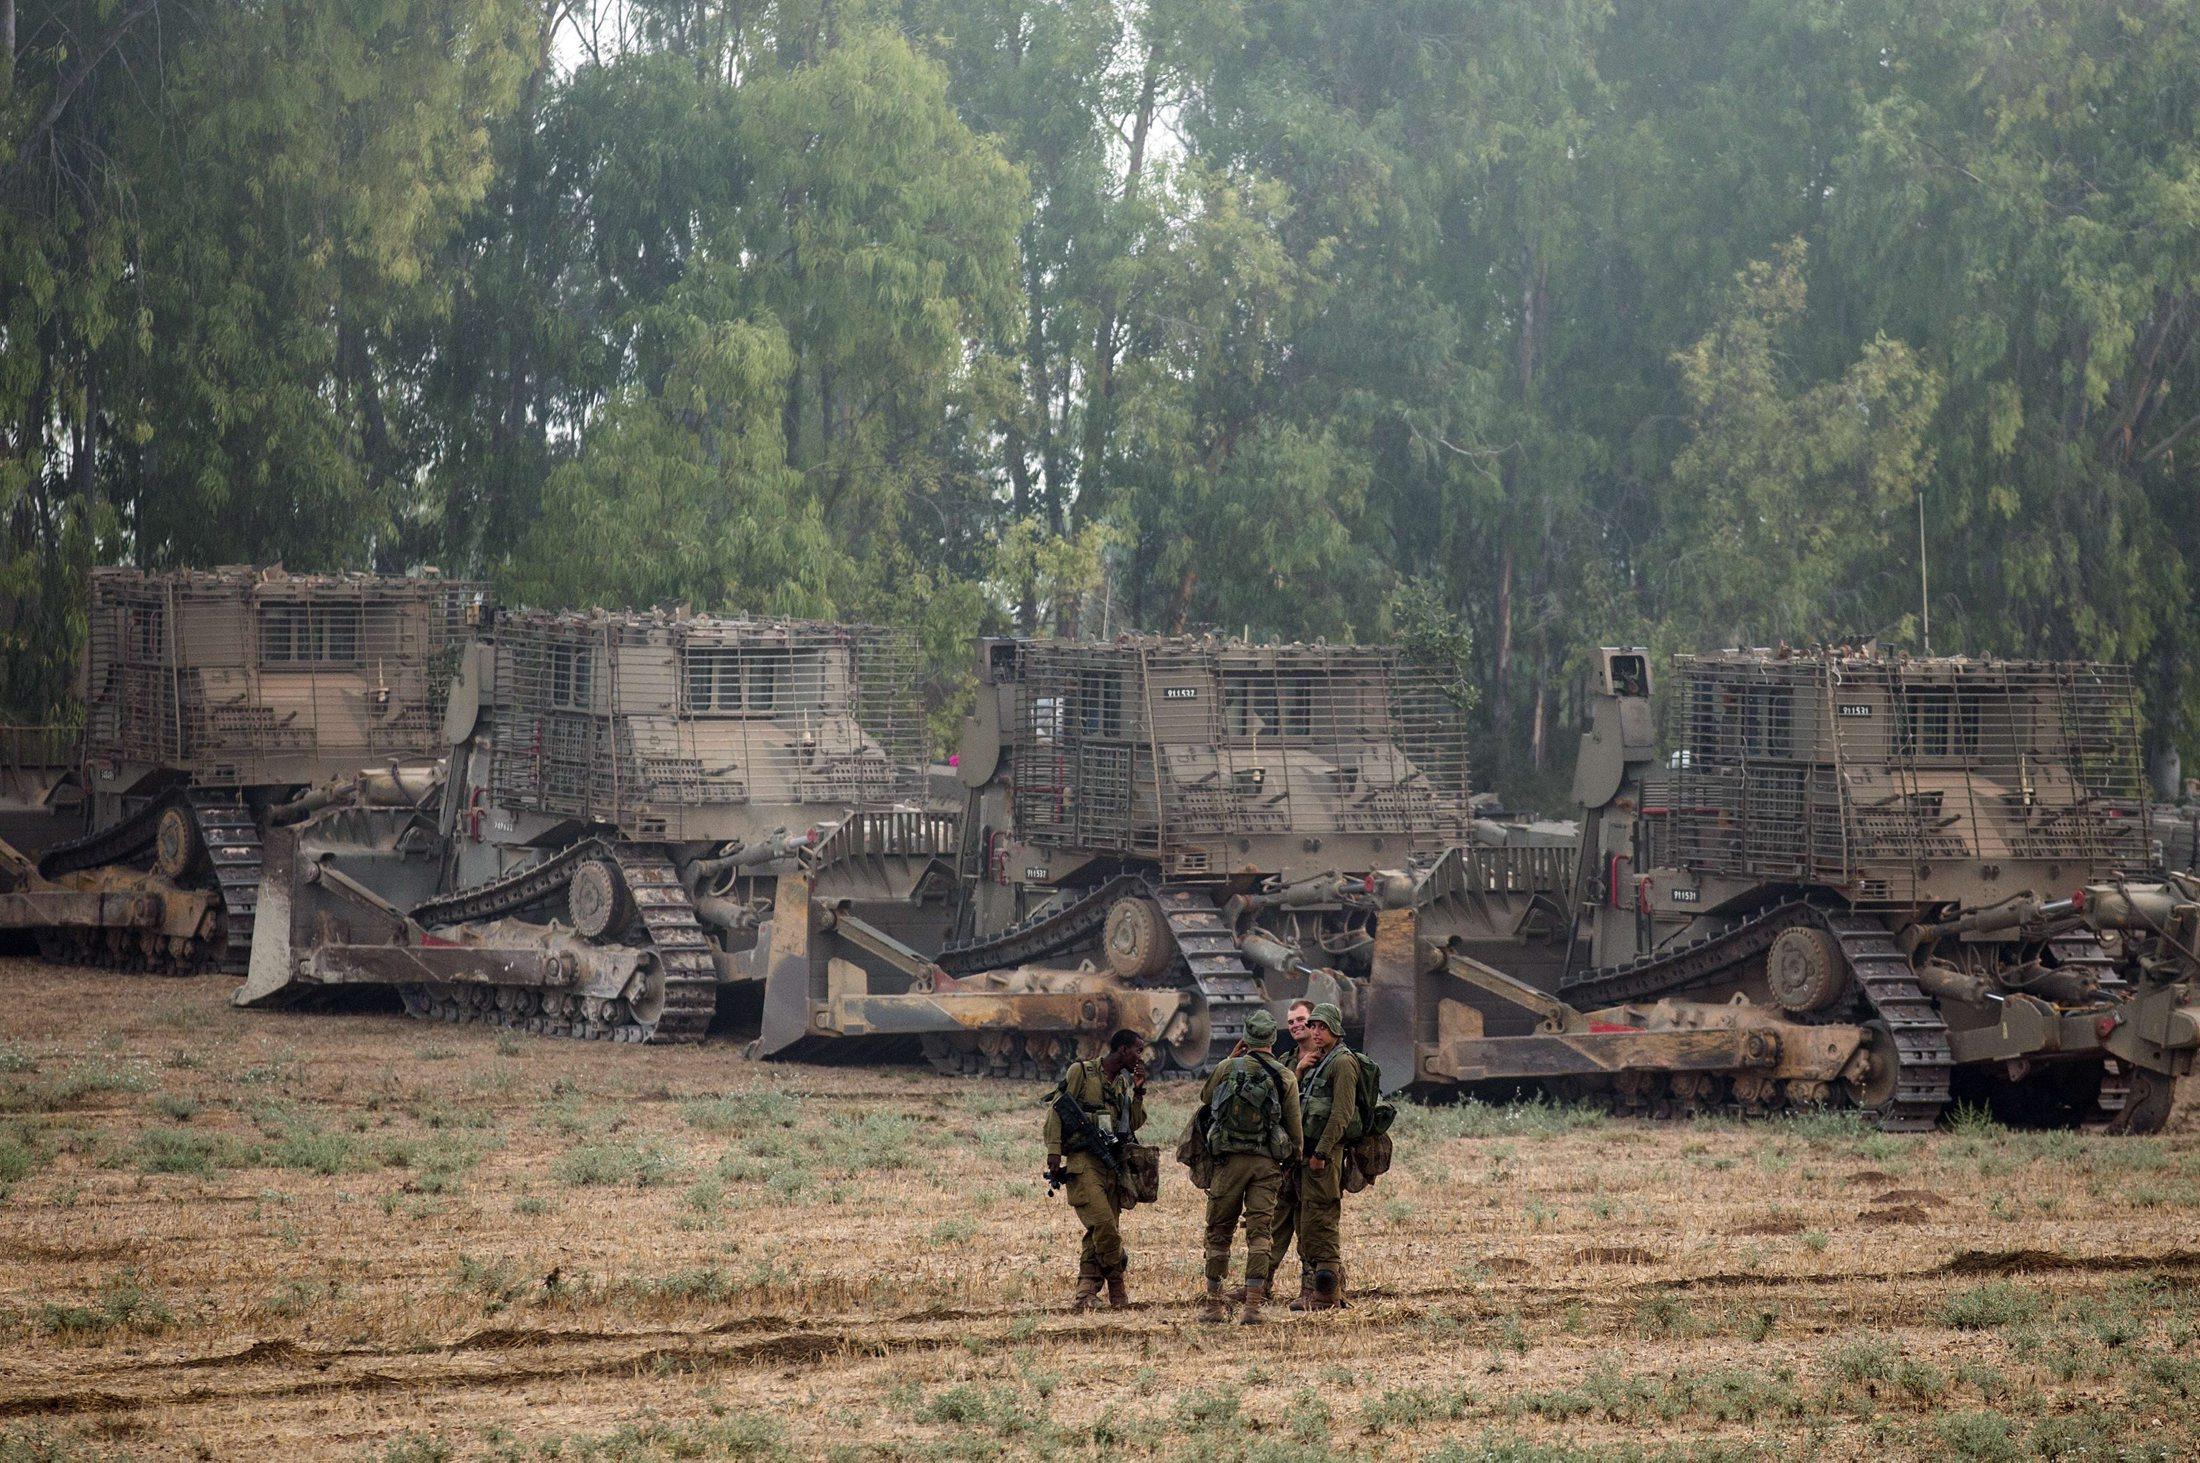 خلافات بين الحكومة والجيش في إسرائيل على خلفية العدوان على غزة